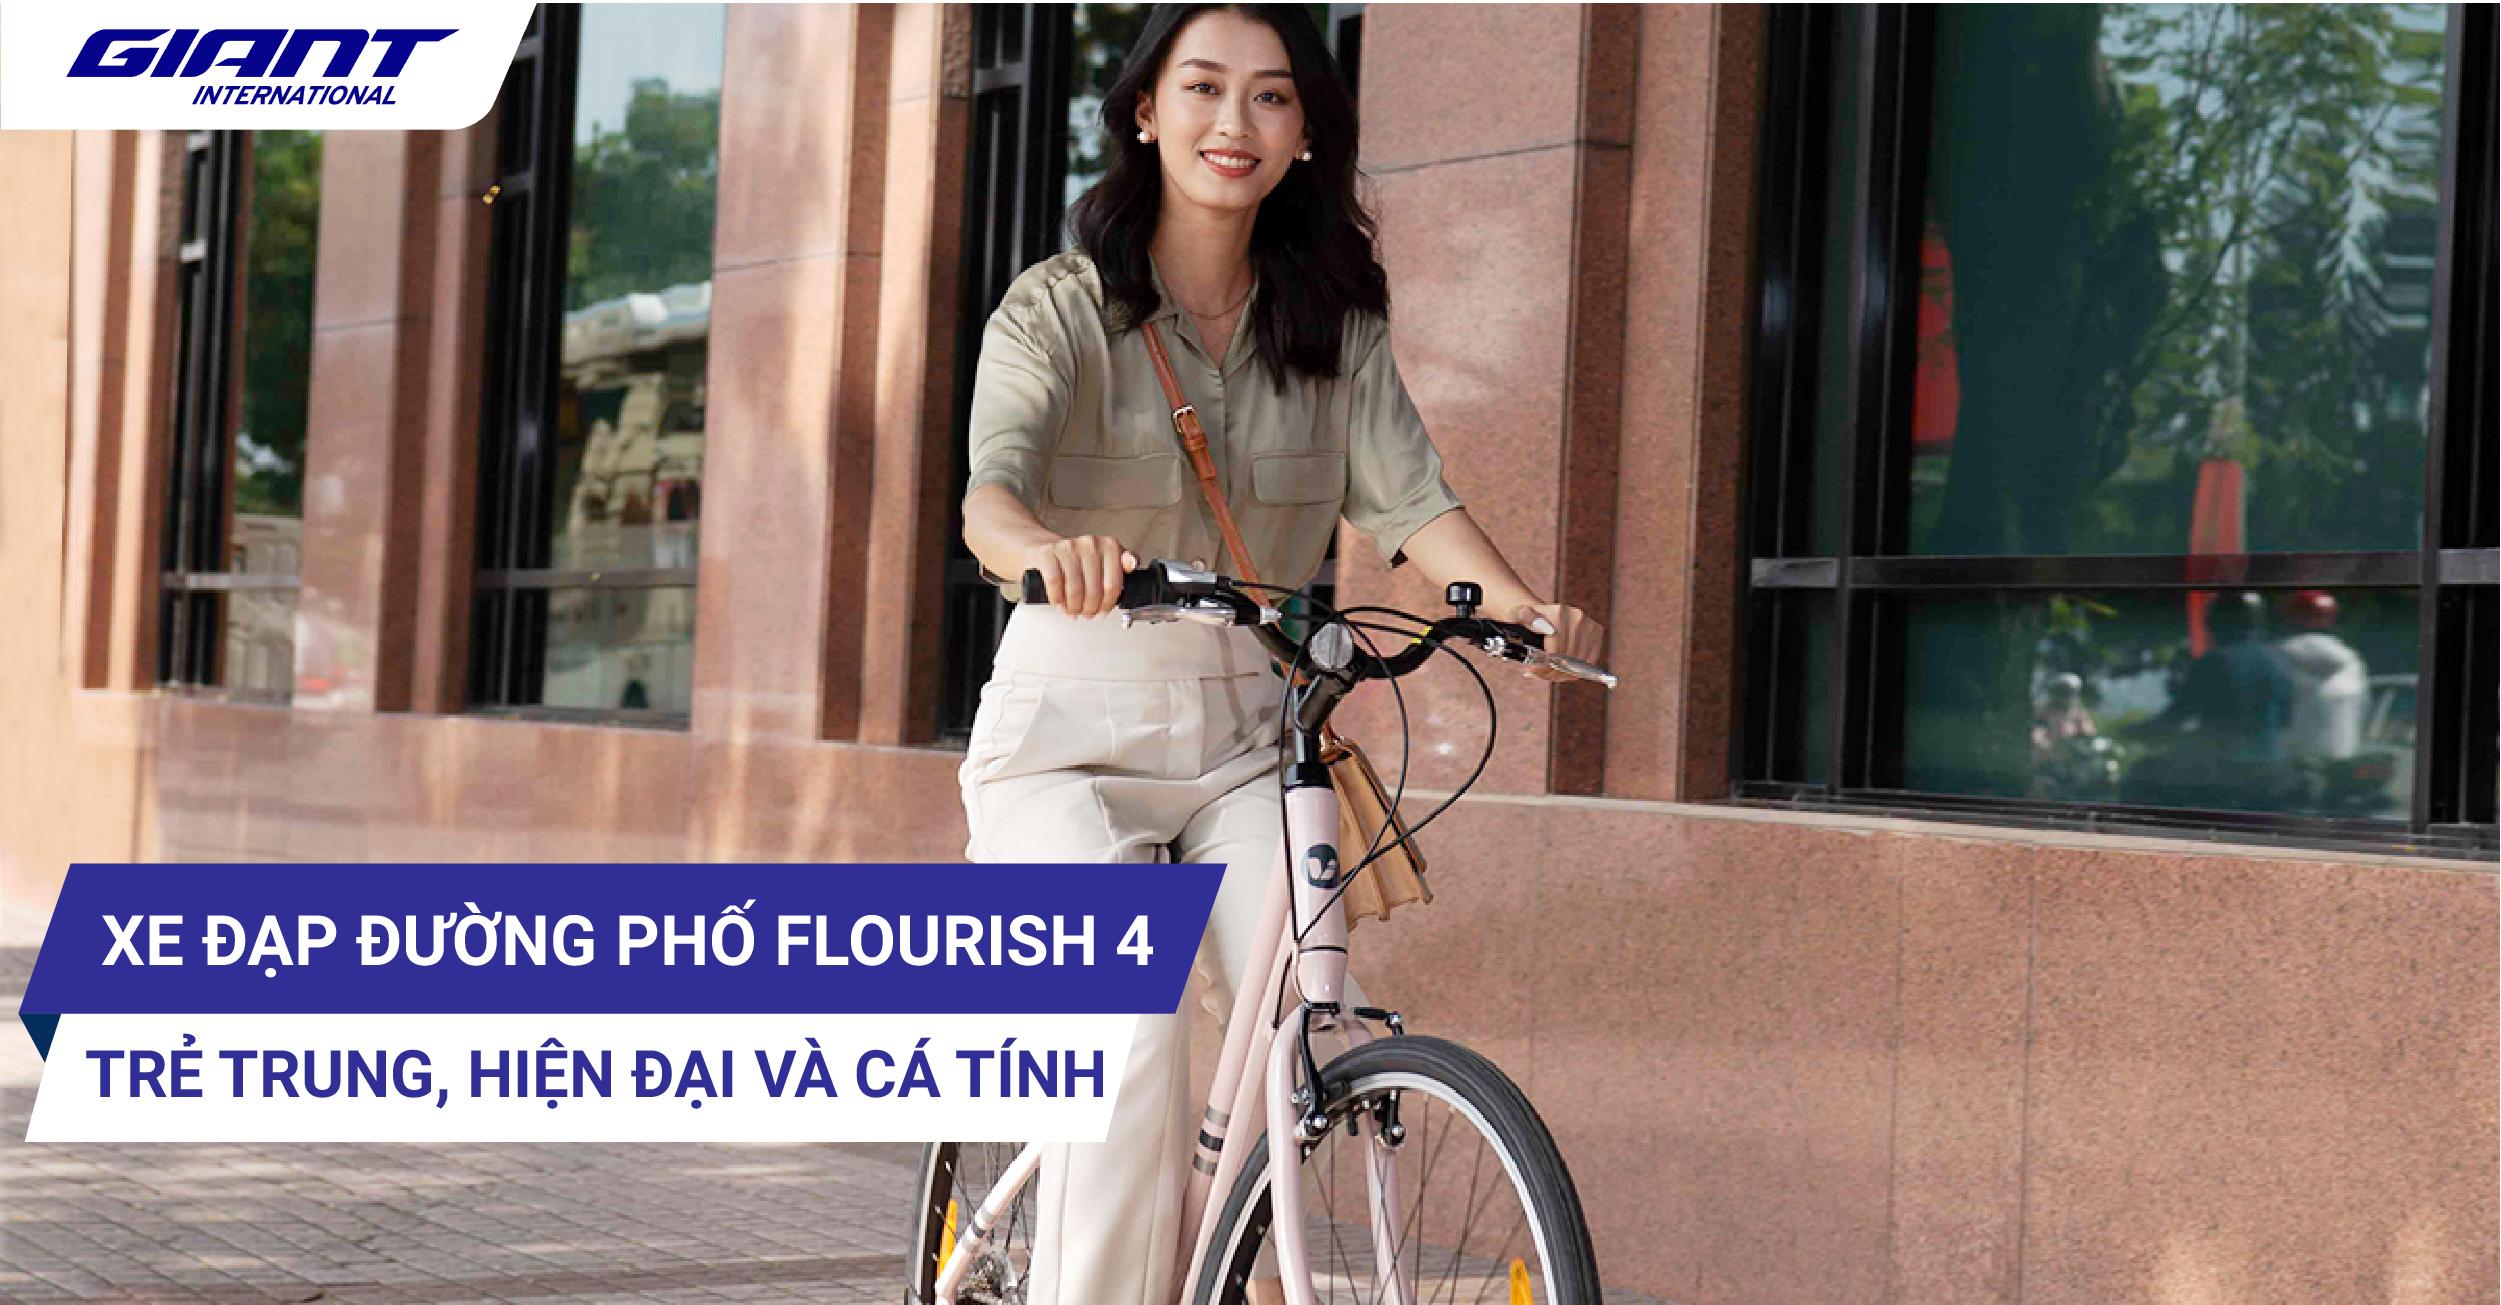 Xe đạp đường phố Flourish 4 trẻ trung, hiện đại và cá tính.